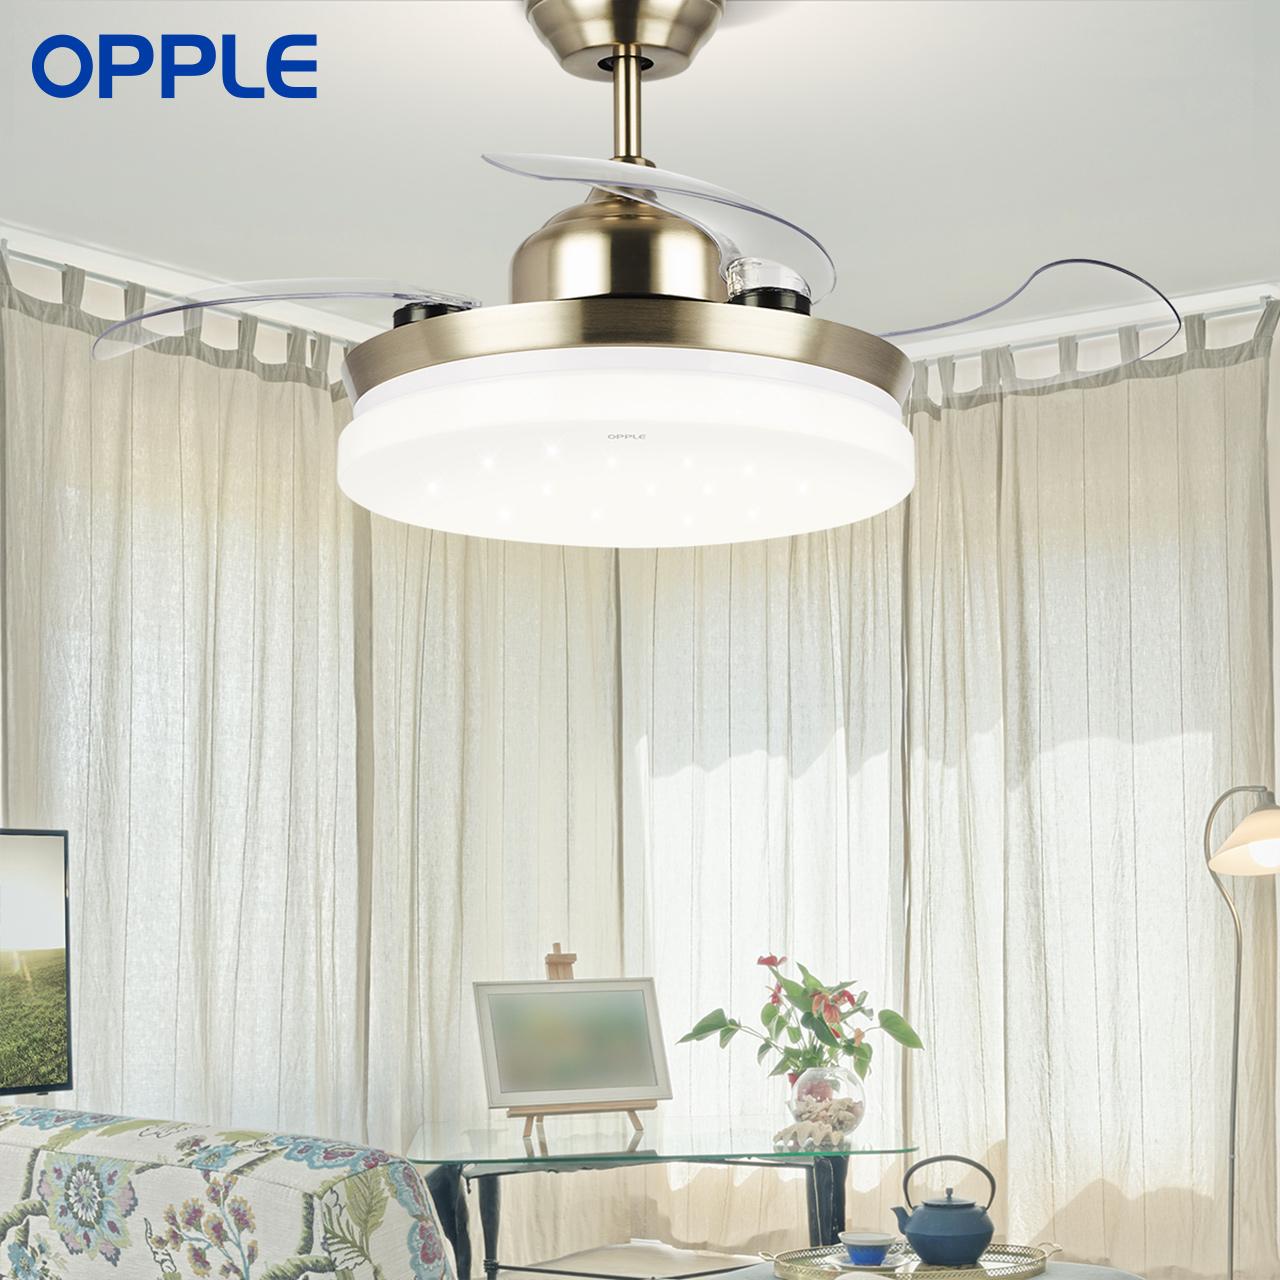 OPPLE 吊扇灯风扇灯客厅餐厅卧室家用简约现代LED风扇欧式吊灯D